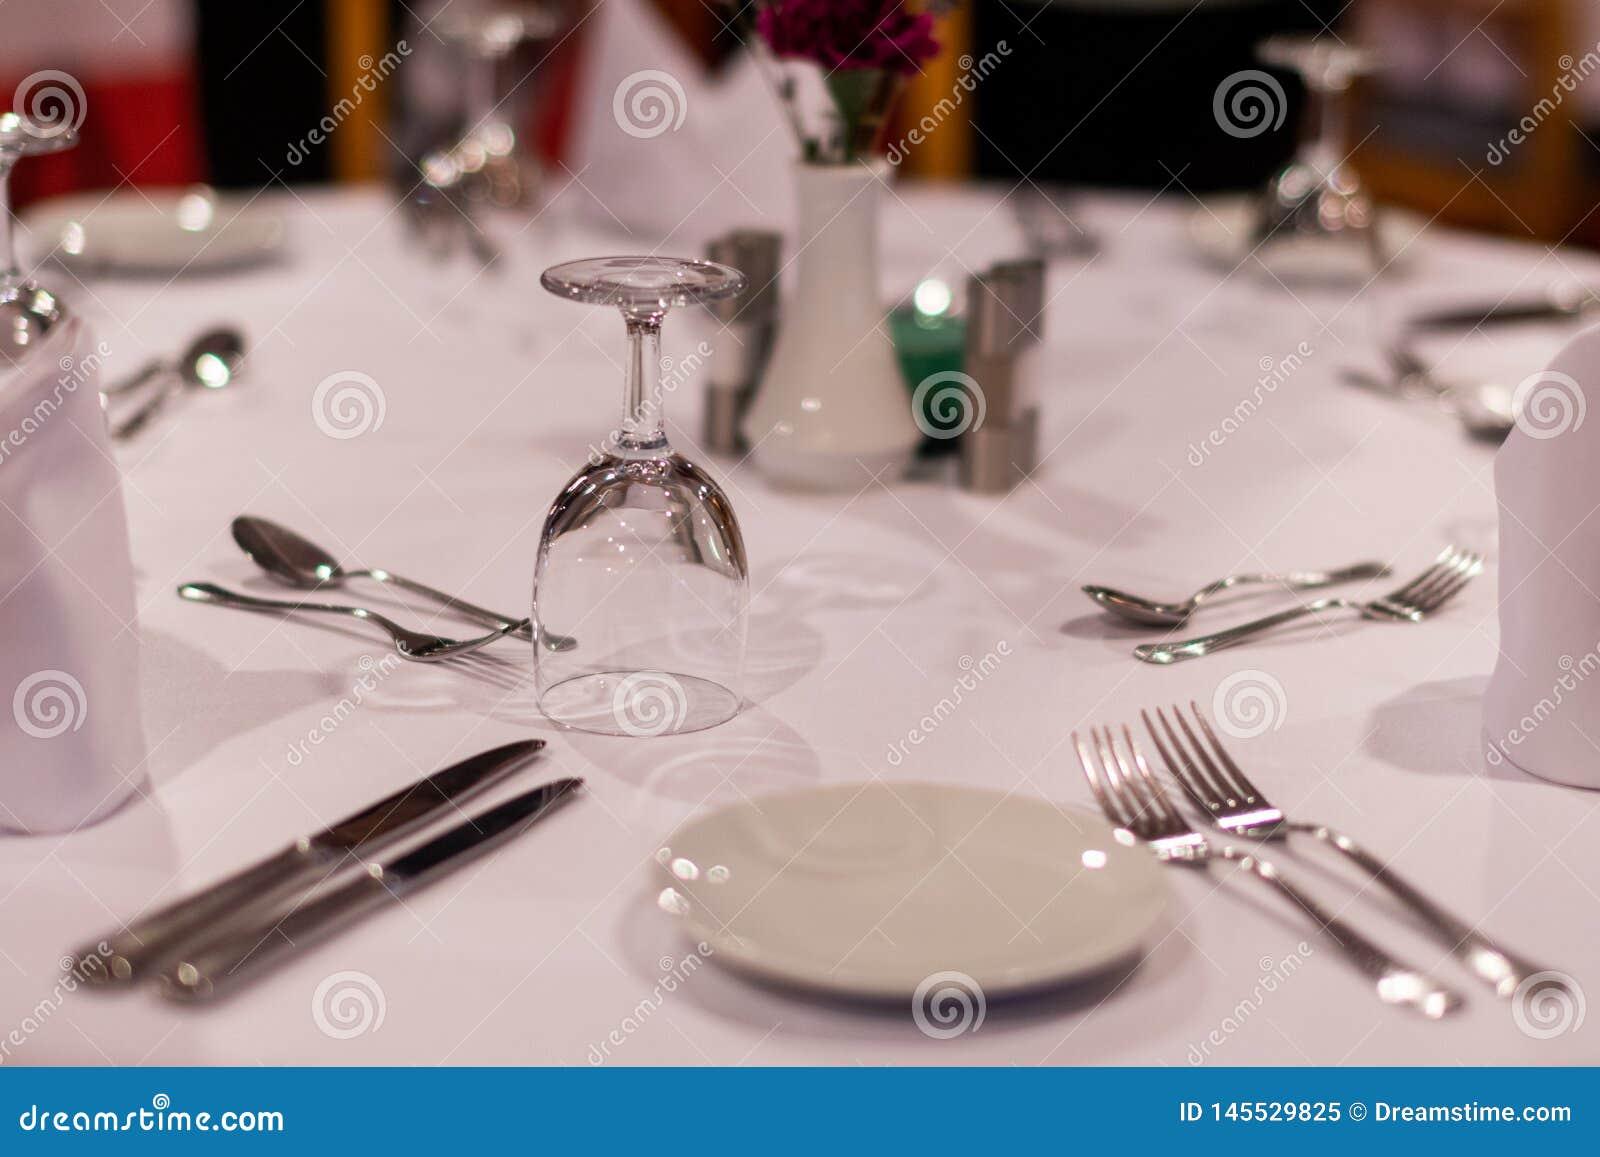 Tabellenauftrag in einem Restaurant